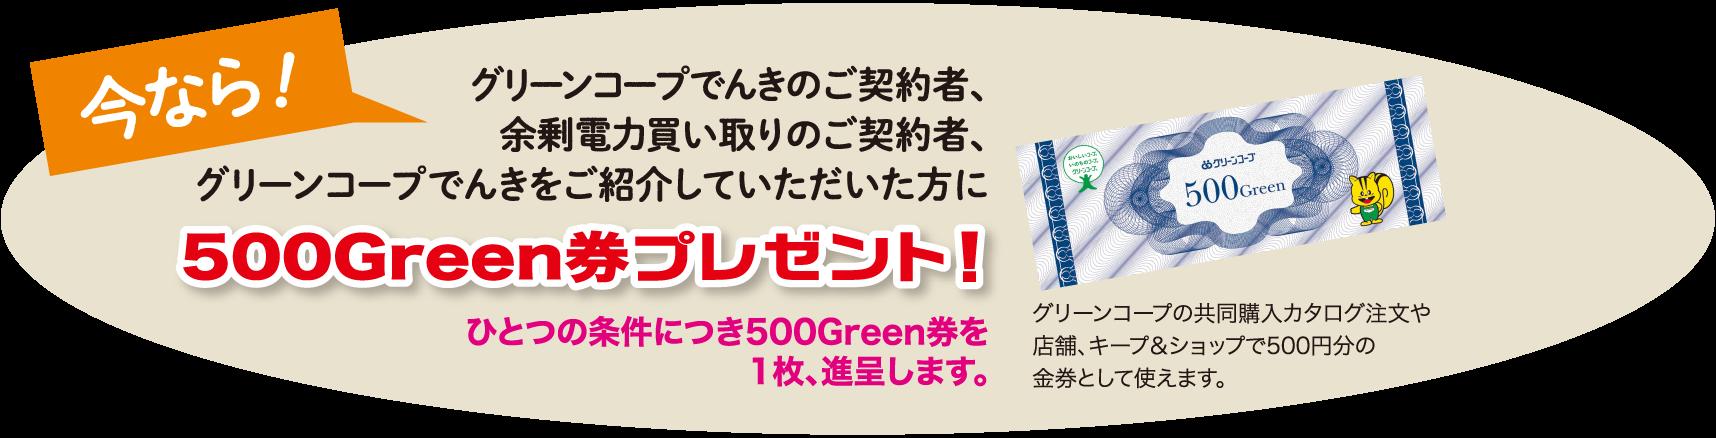 500グリーン券